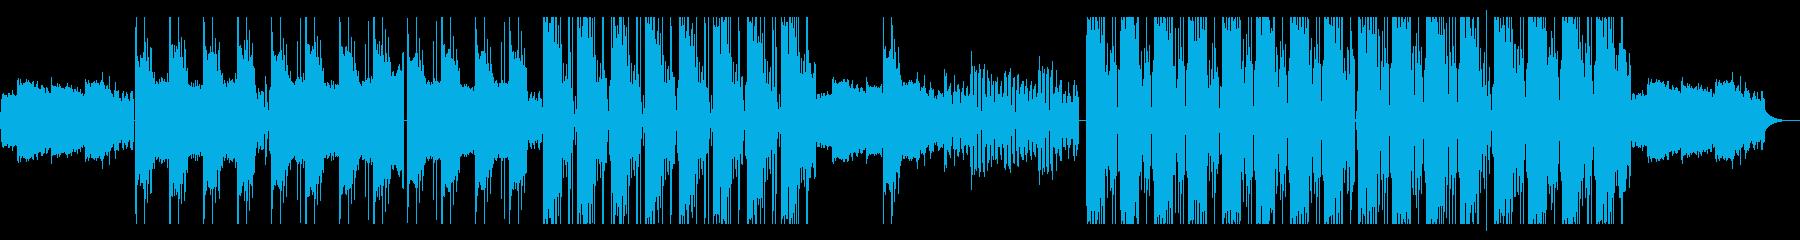 ドラム & ベース ジャングル テ...の再生済みの波形